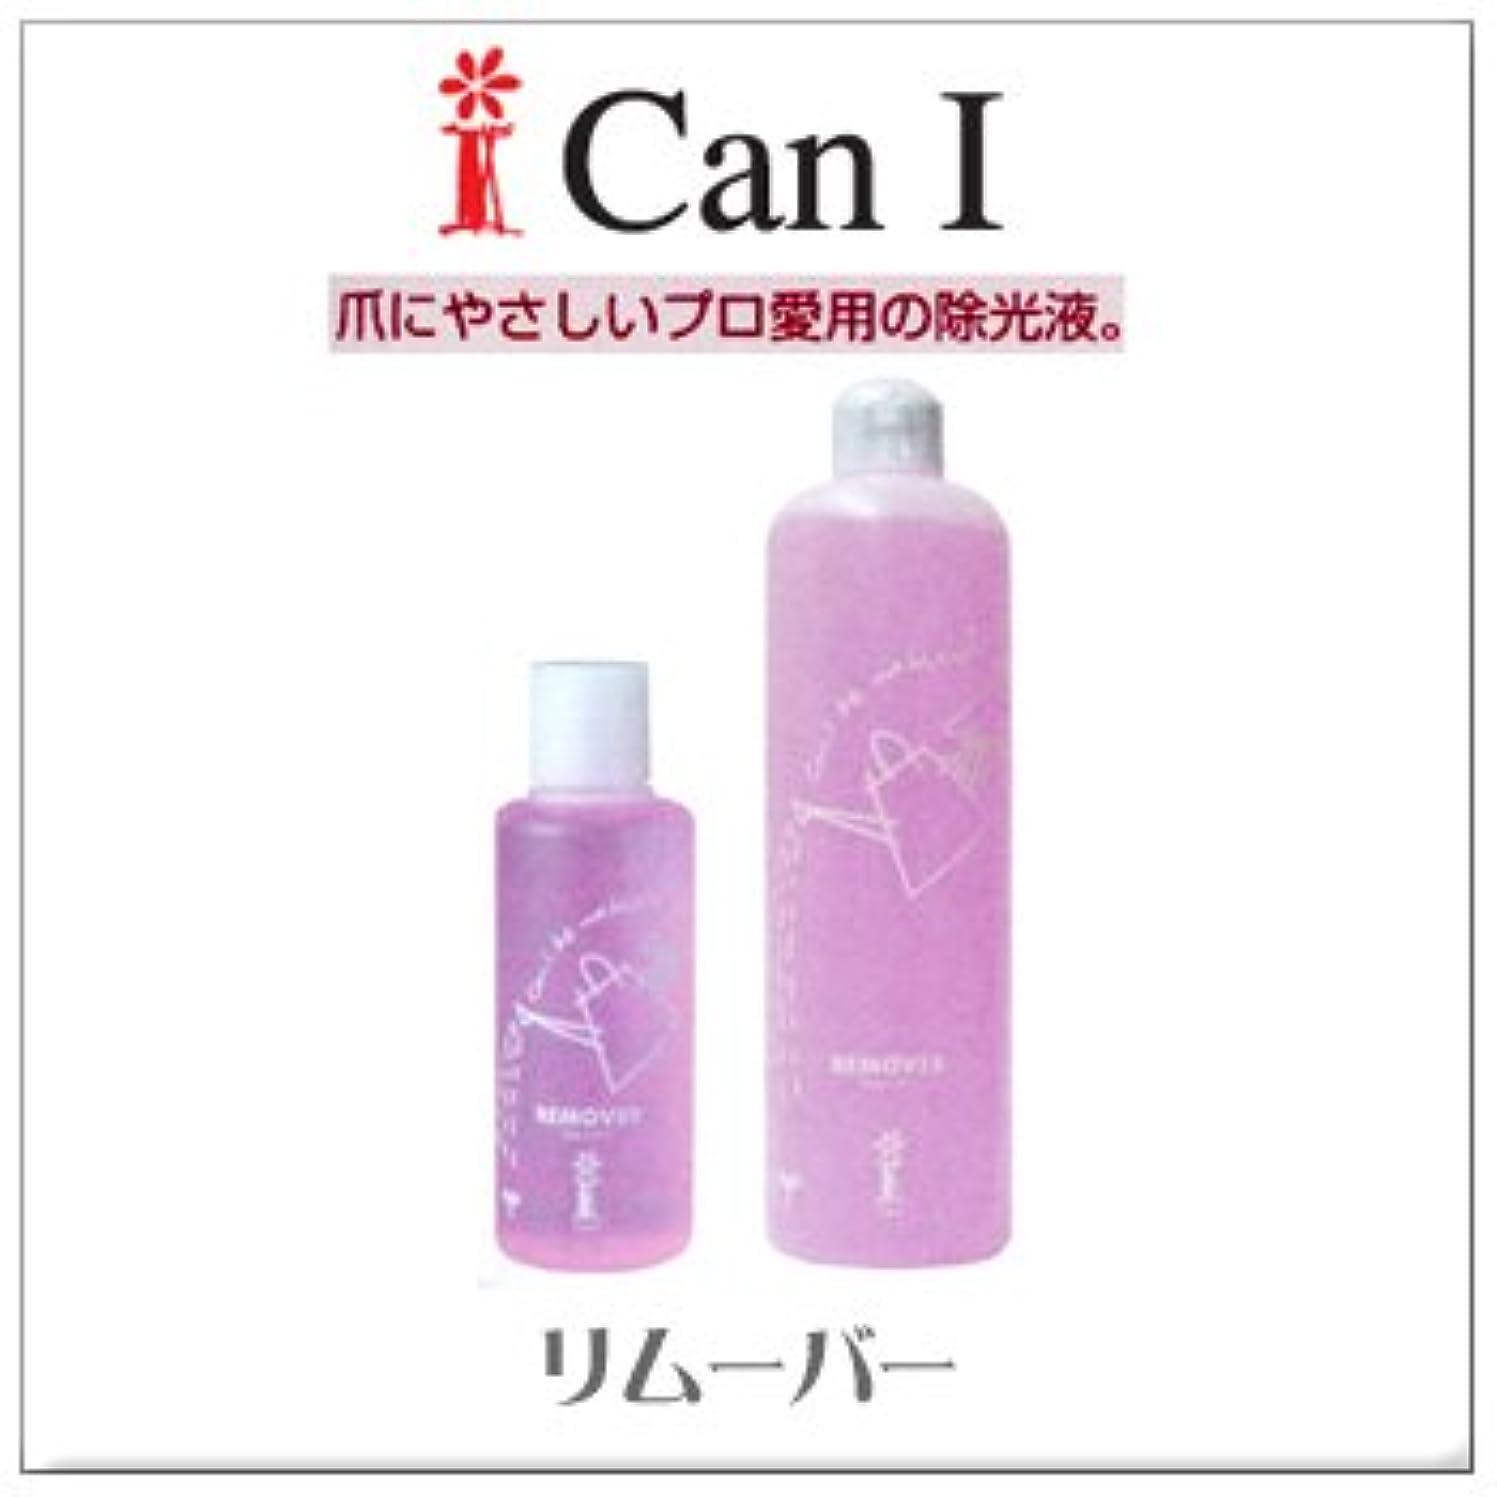 クラッチ黙認する礼拝CanI (キャンアイ) リムーバー be native 500ml